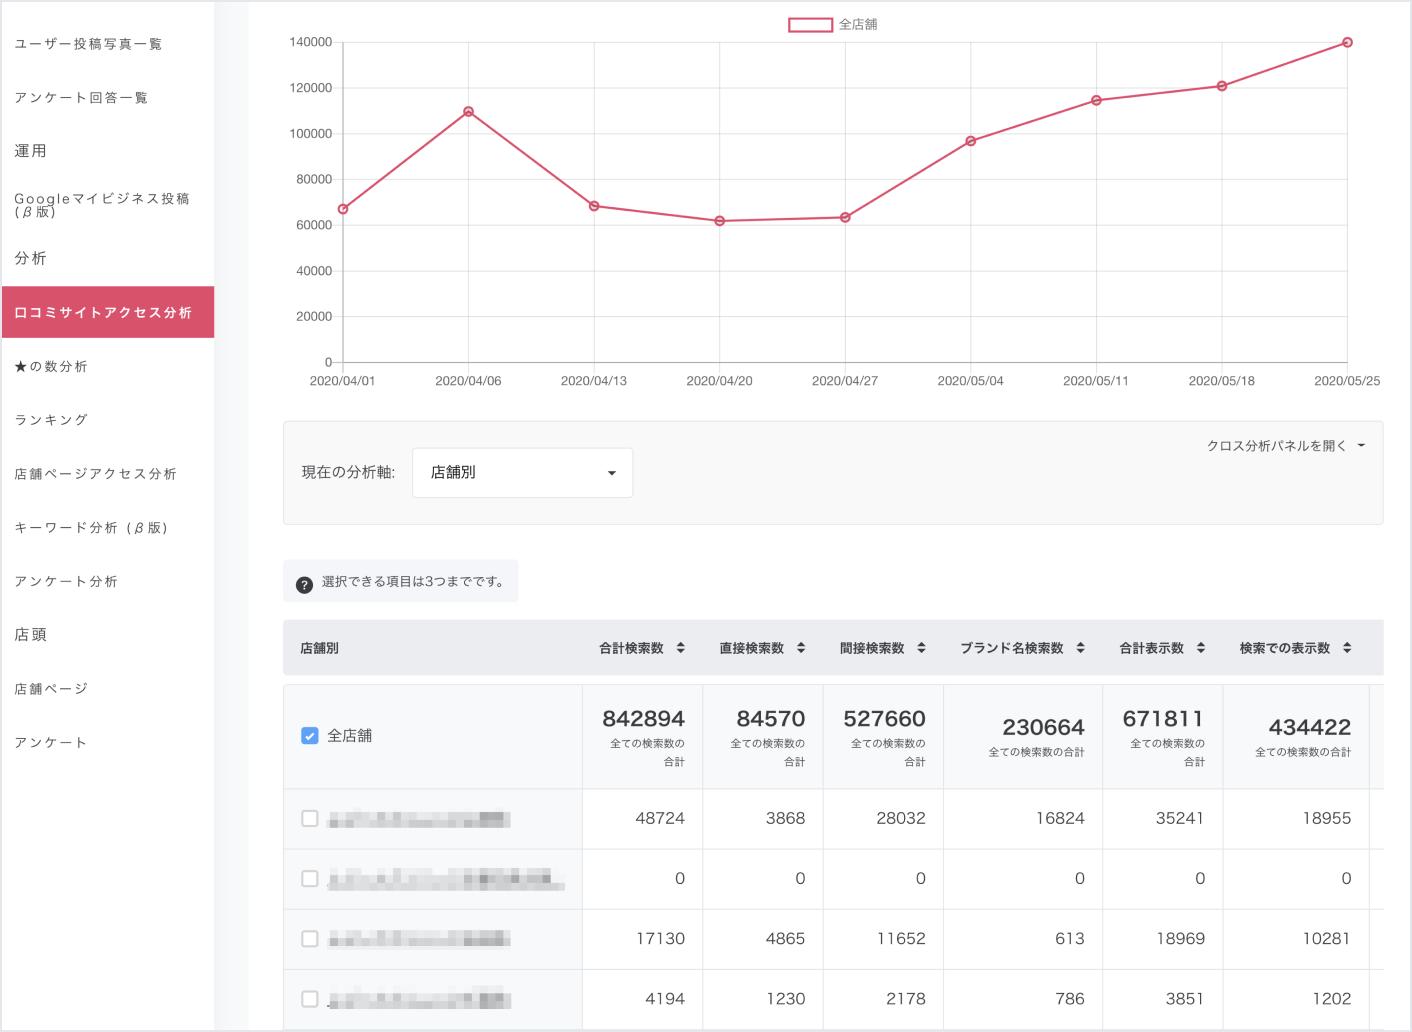 口コミコムなら、複数のGoogleマイビジネスのインサイトデータをグラフ化。推移を一発で把握できます。